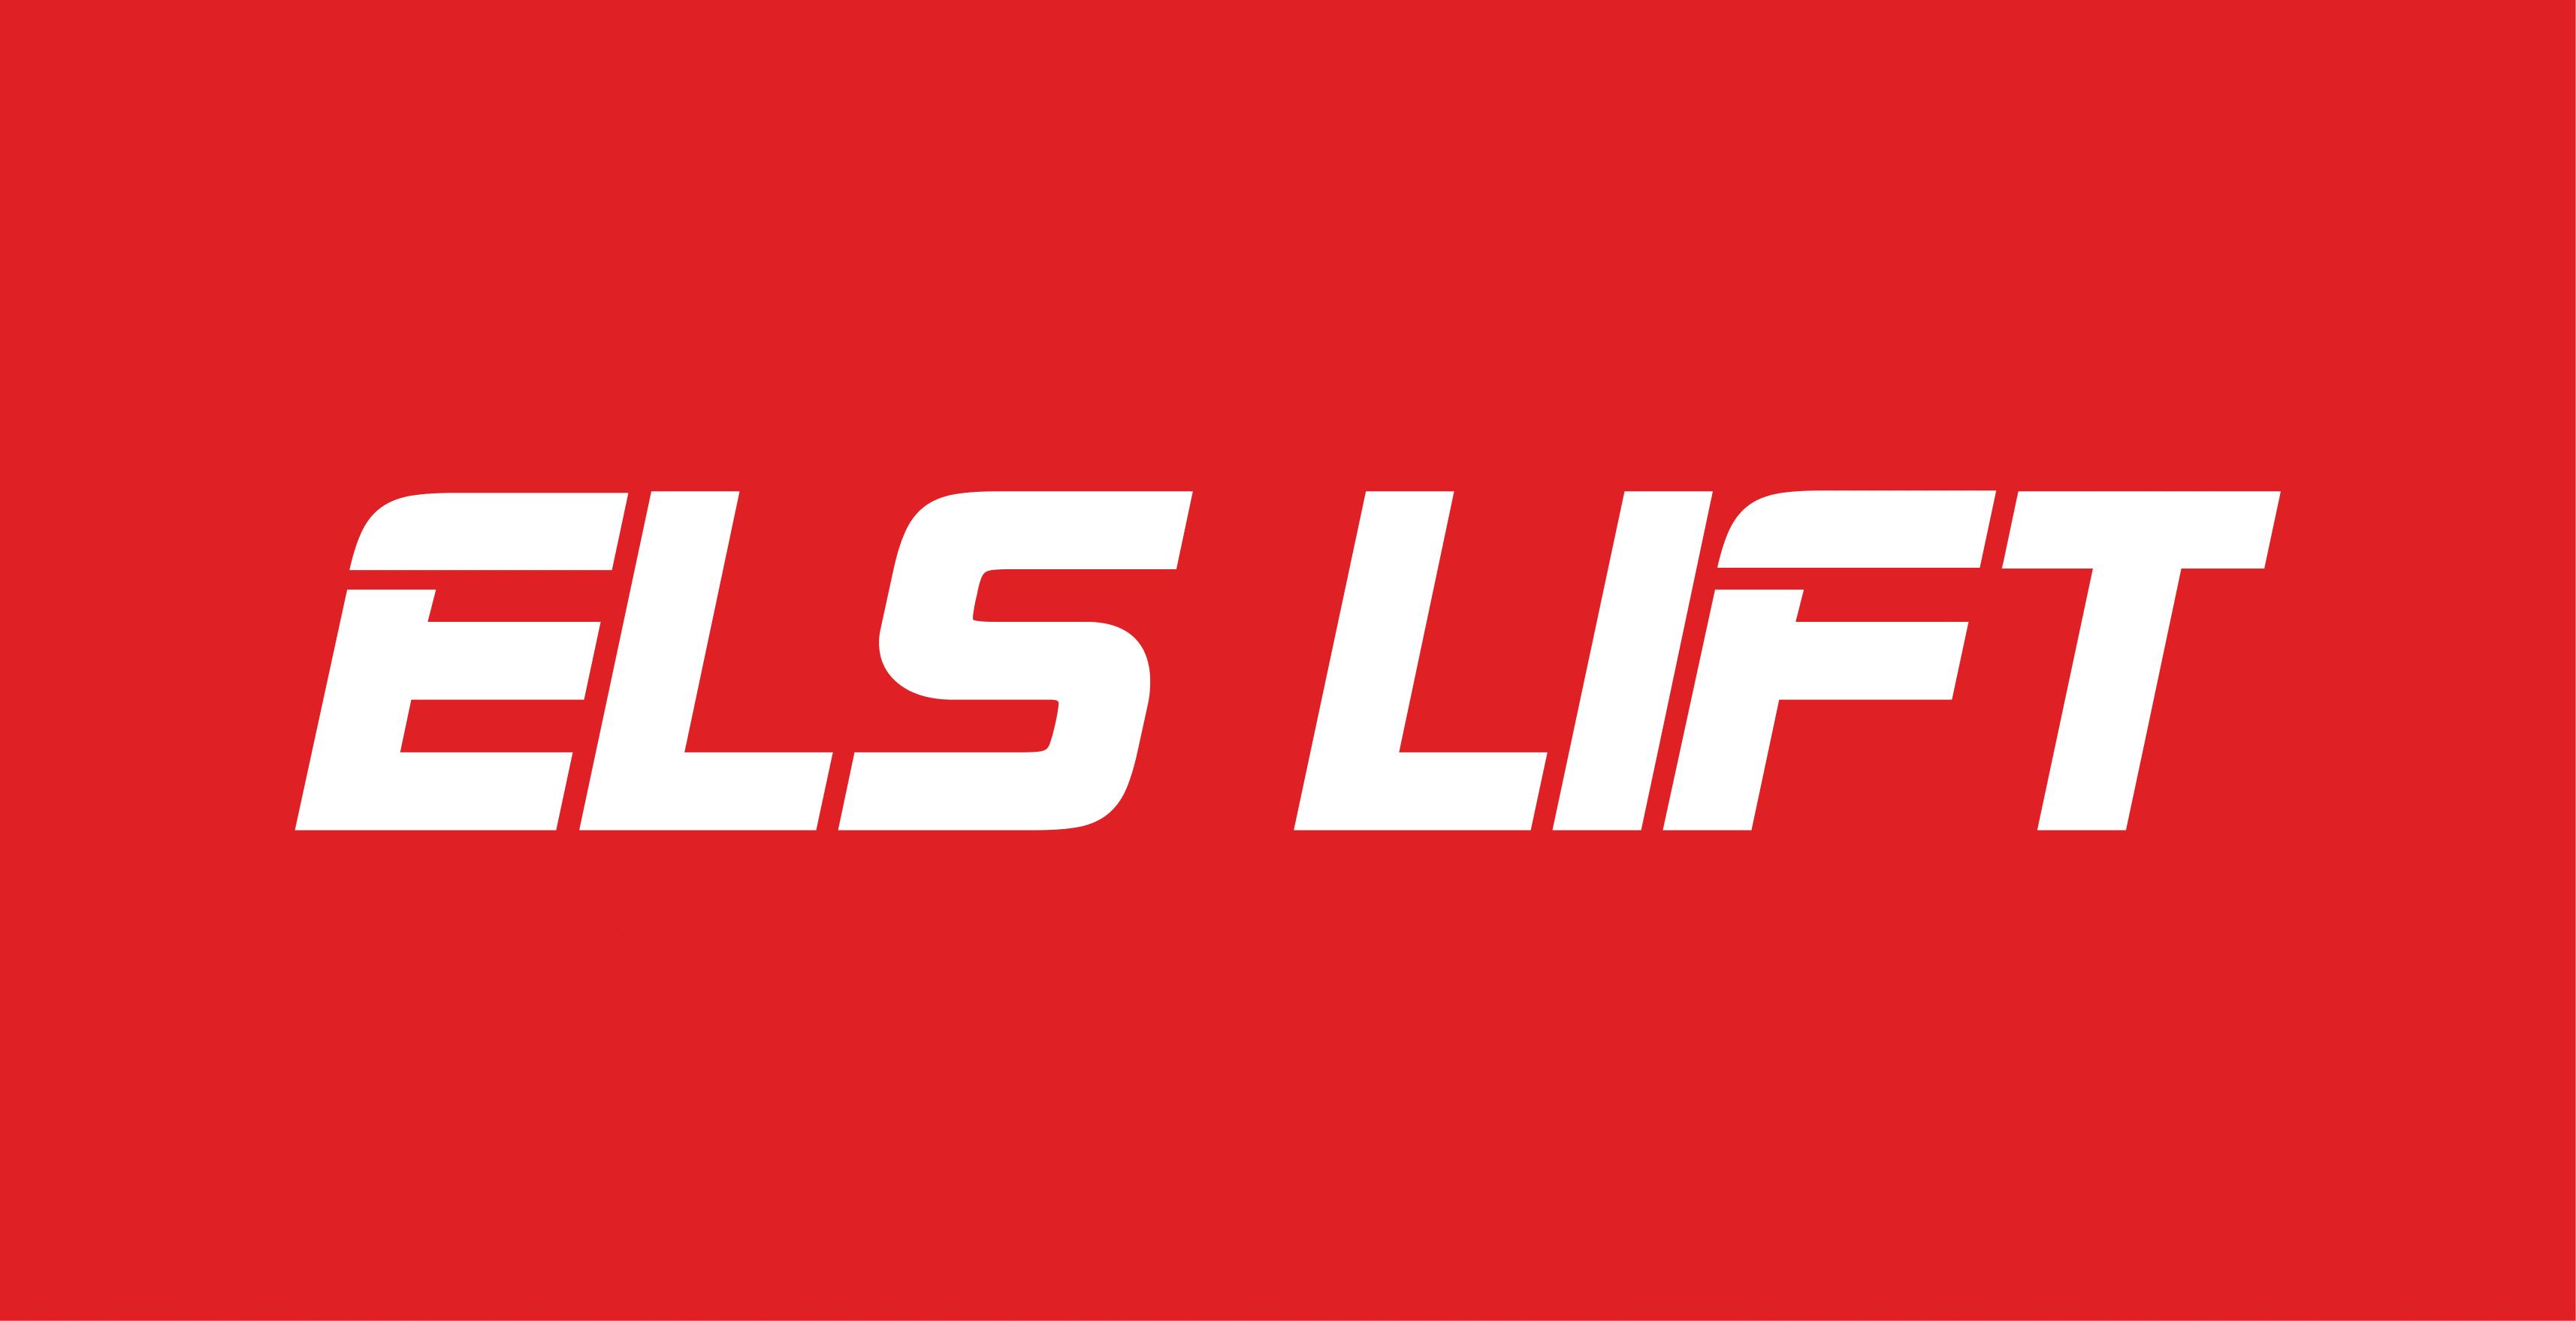 els_lift_logo-2